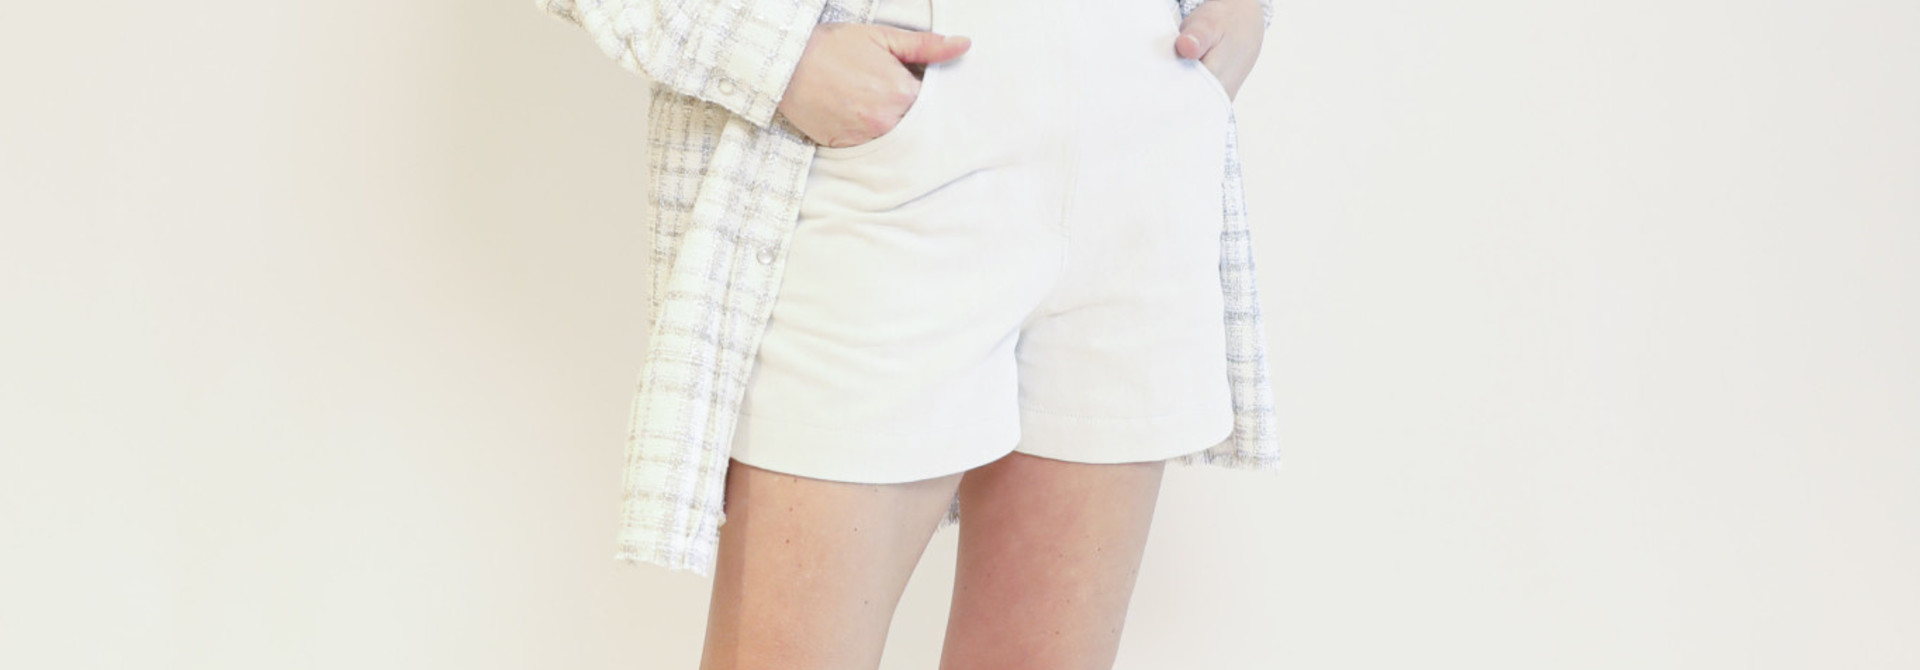 Pirlo shorts iro